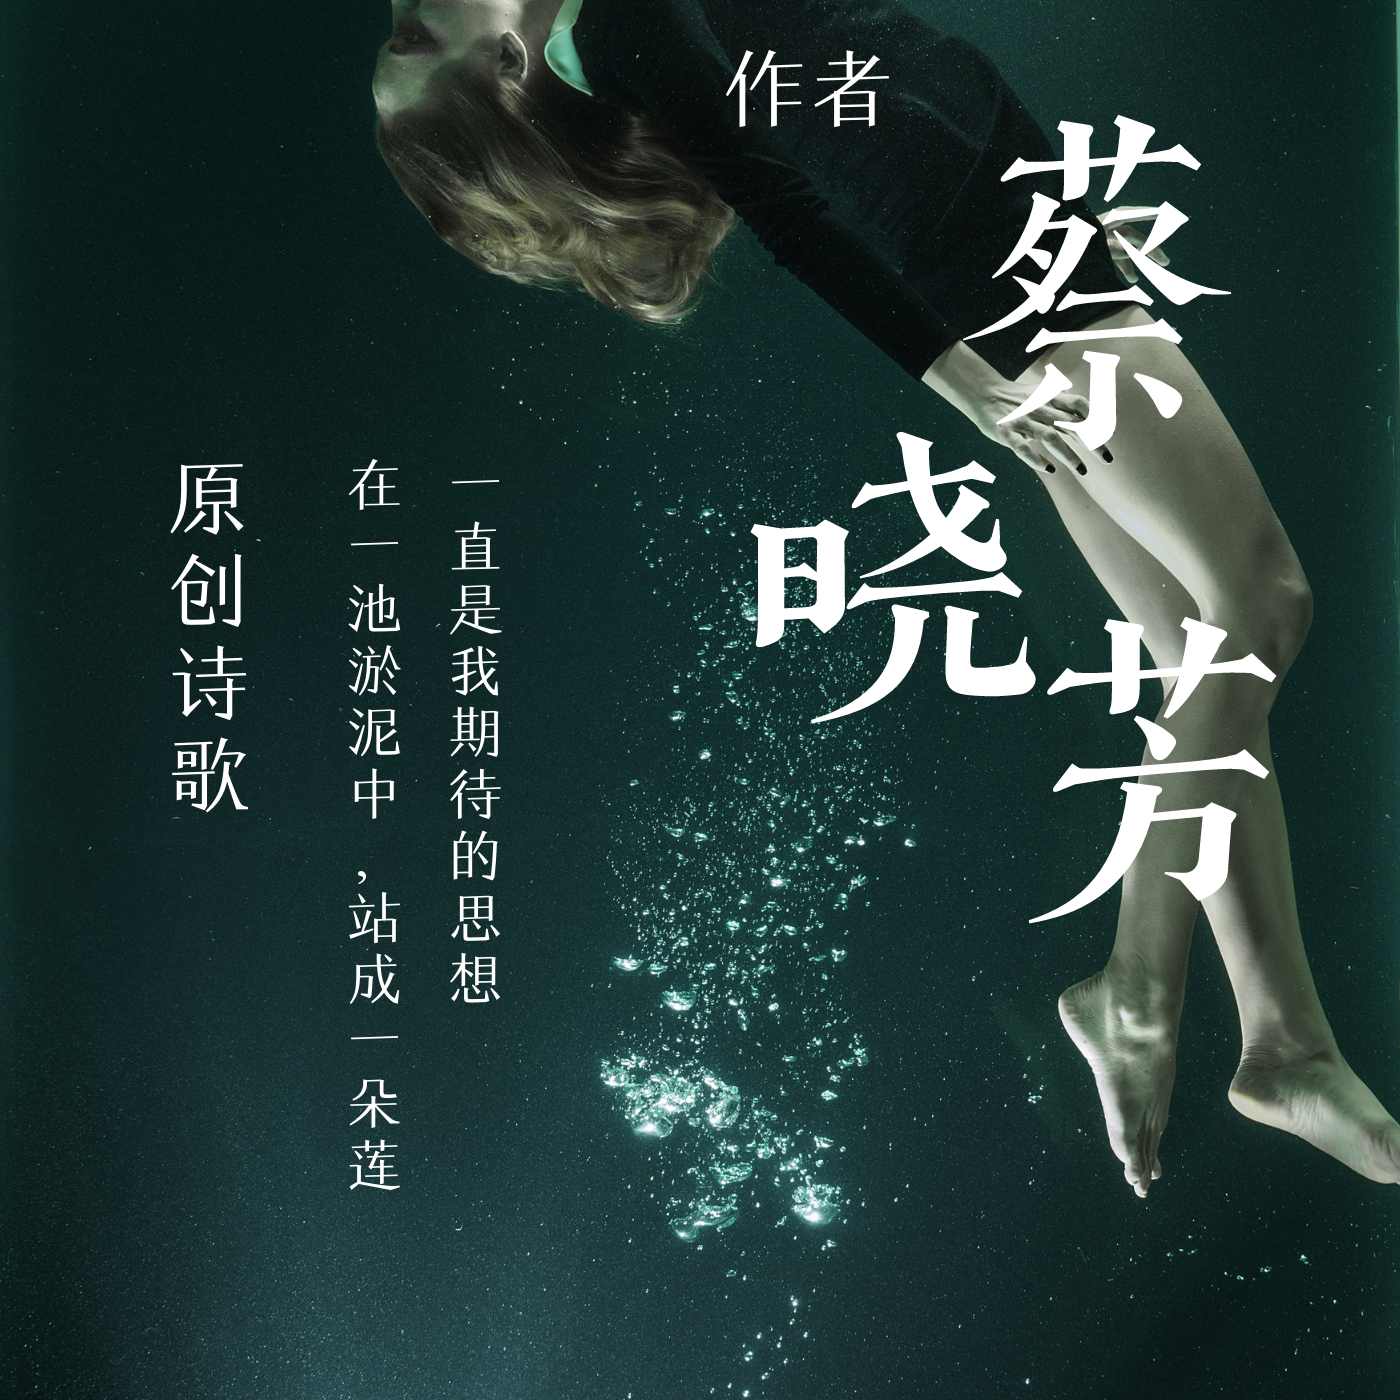 蔡晓芳的诗——唯宏朗诵名家作品